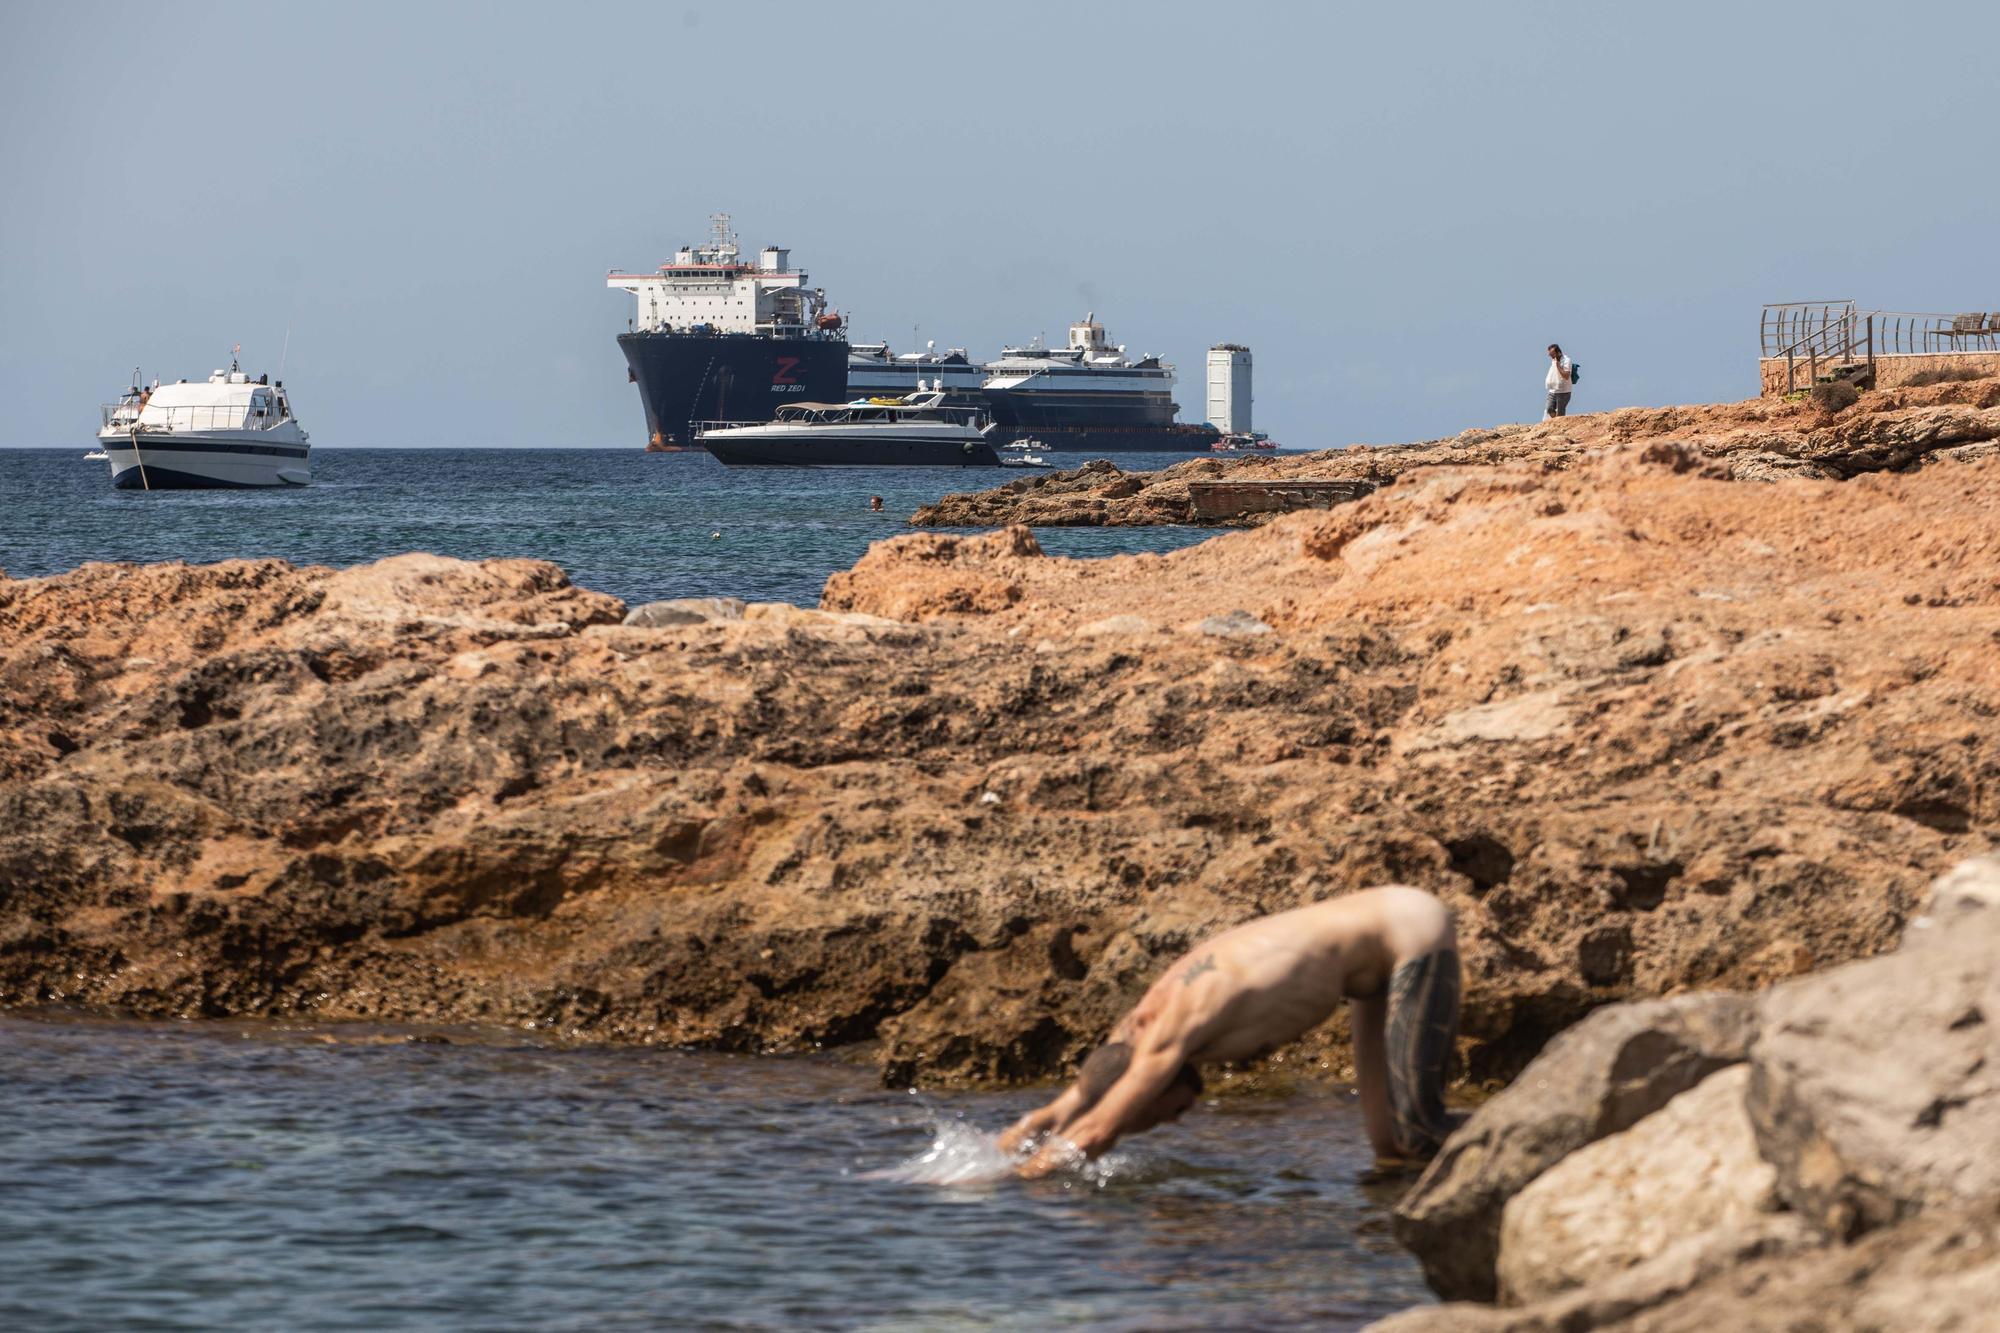 Todas las imágenes del impresionante buque que ha trasladado dos ferris a Ibiza desde Alaska